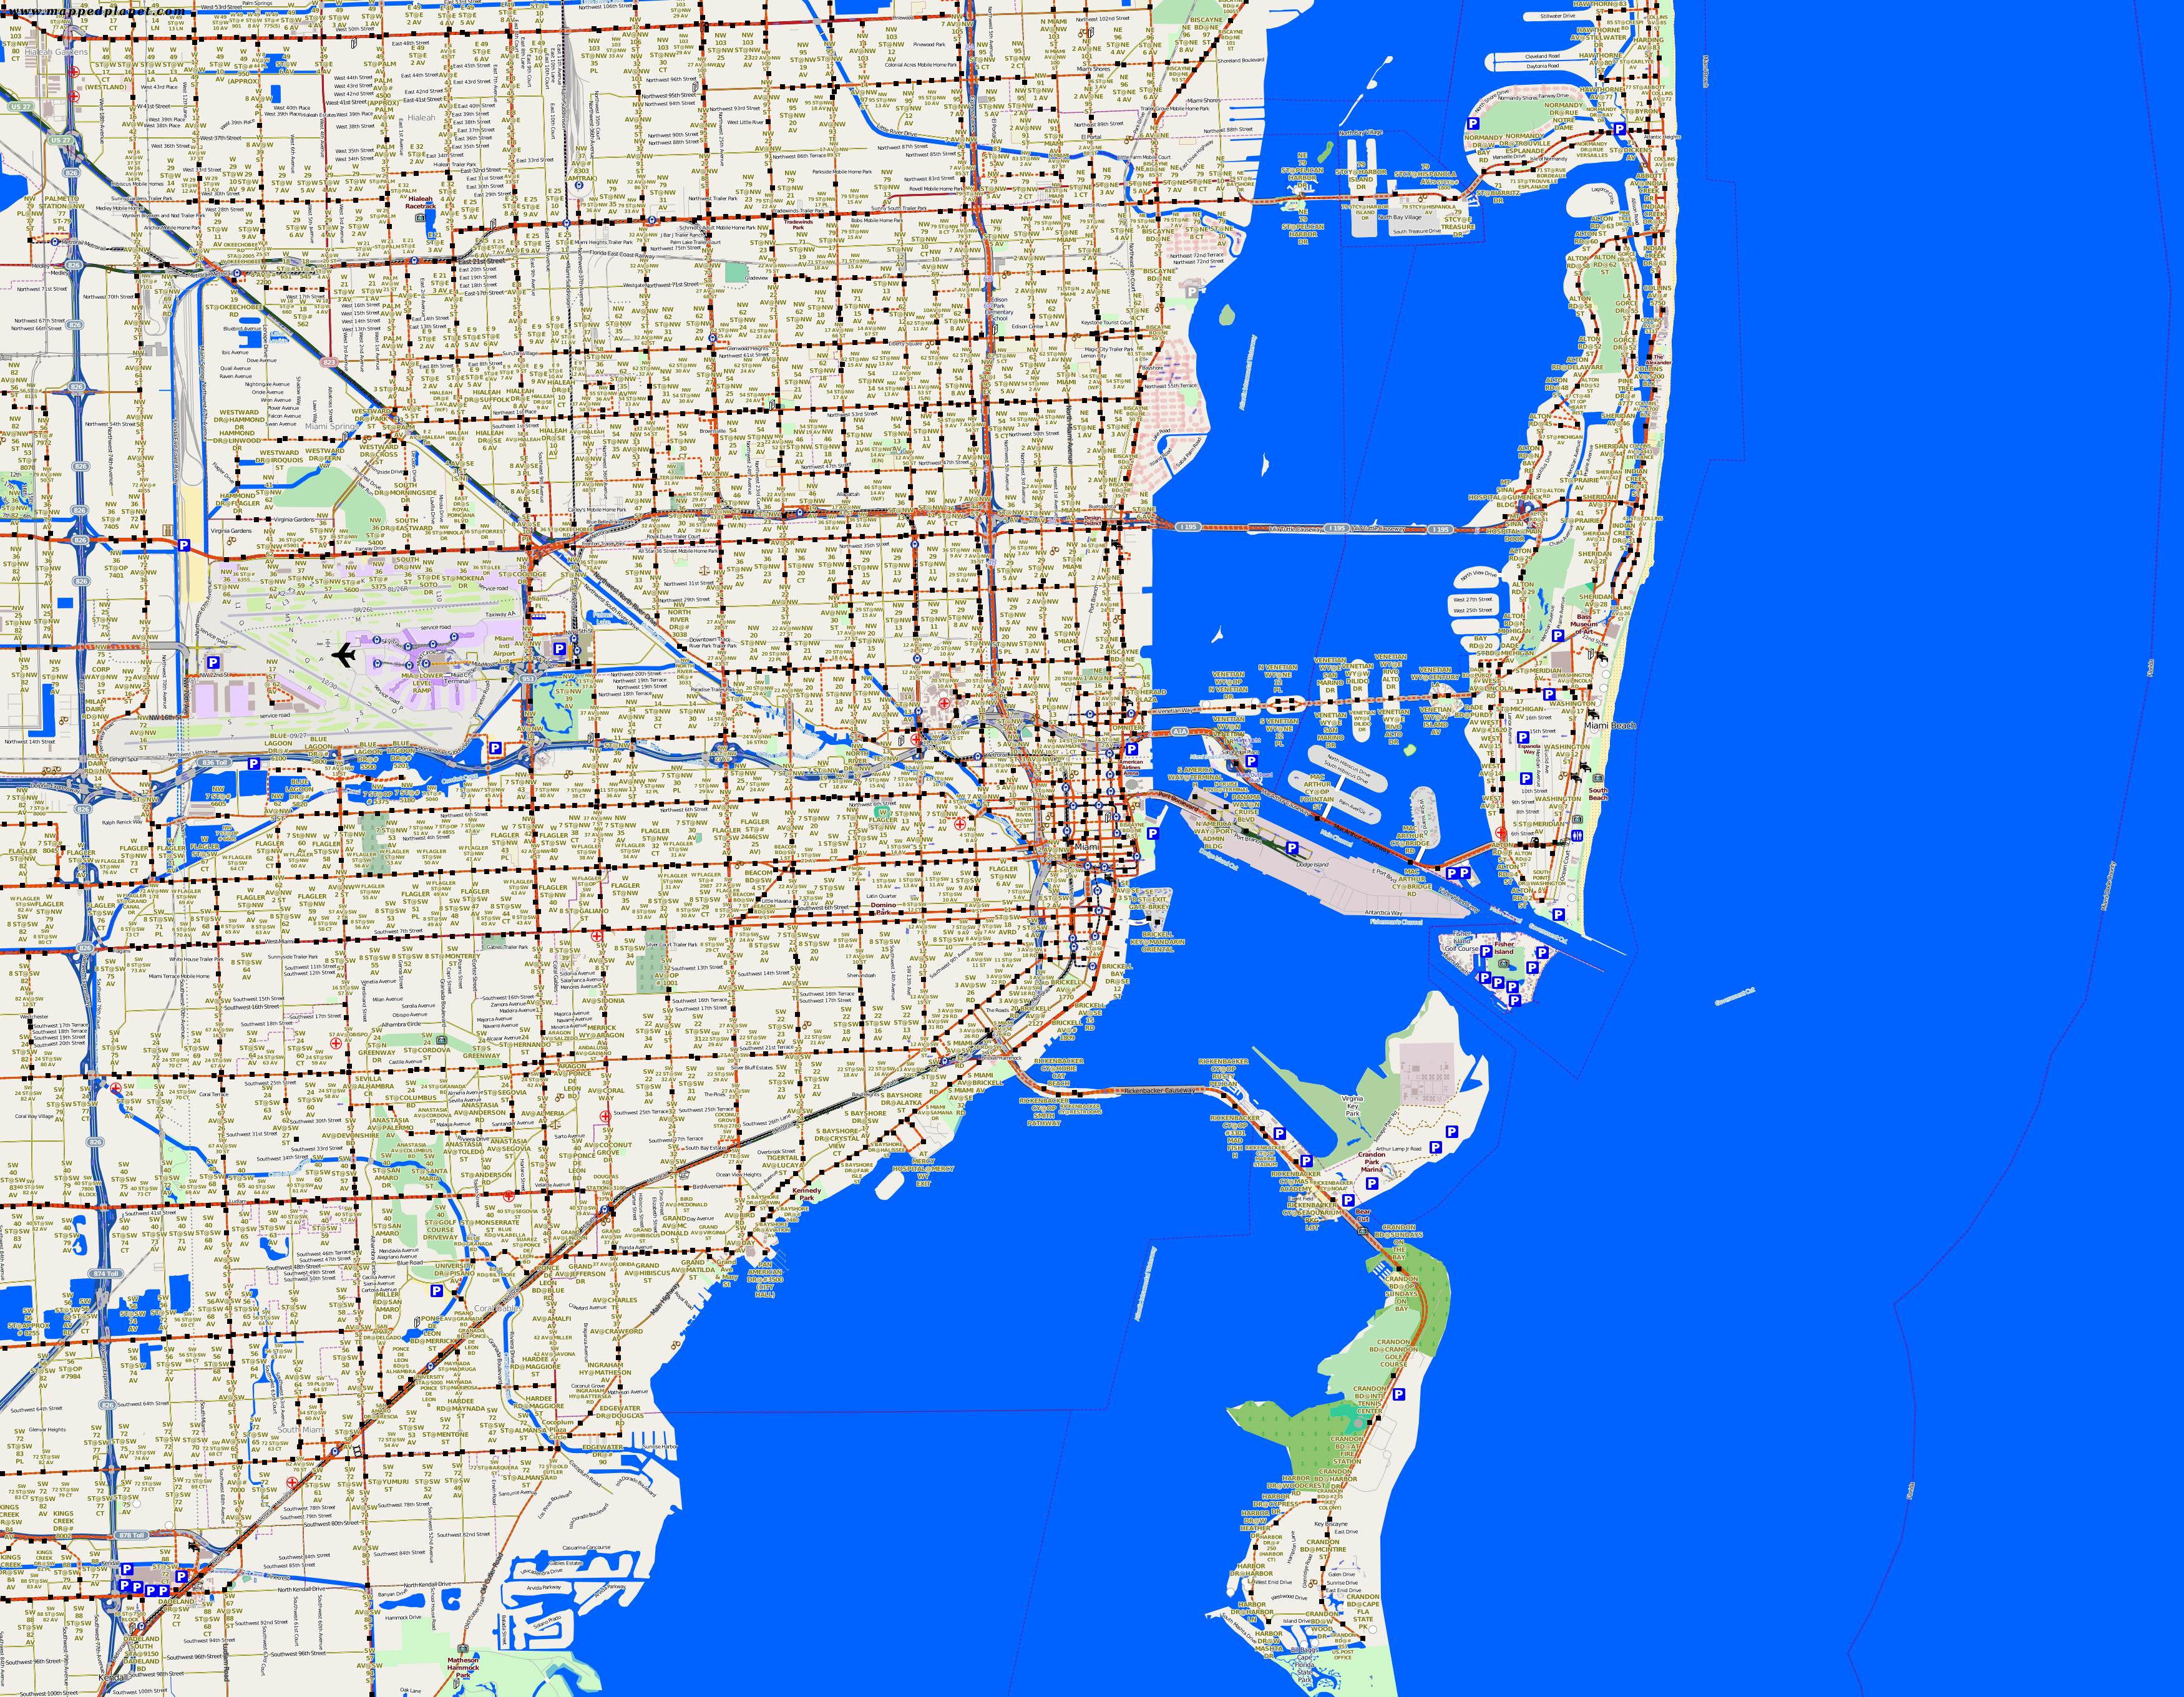 Miami Map, Miami Map Downtown, Miami Tourist Map, Miami Beach Florida Map, Traffic map Miami,Miami Location Map